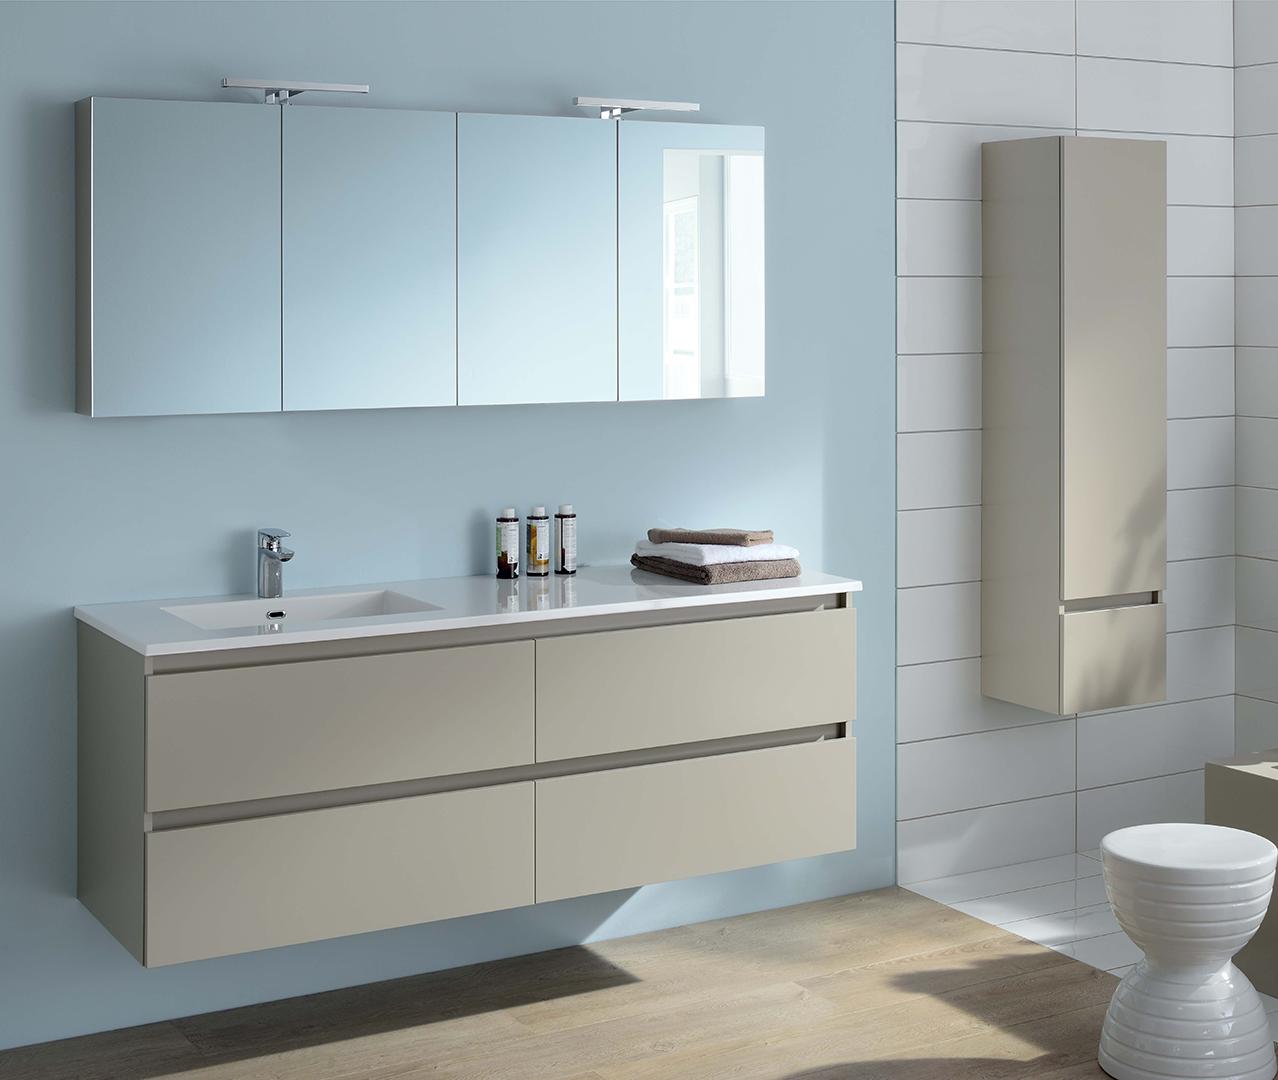 Creation Salle De Bain Dans Une Chambre ~ gamme sobro grand meuble salle de bain sanijura